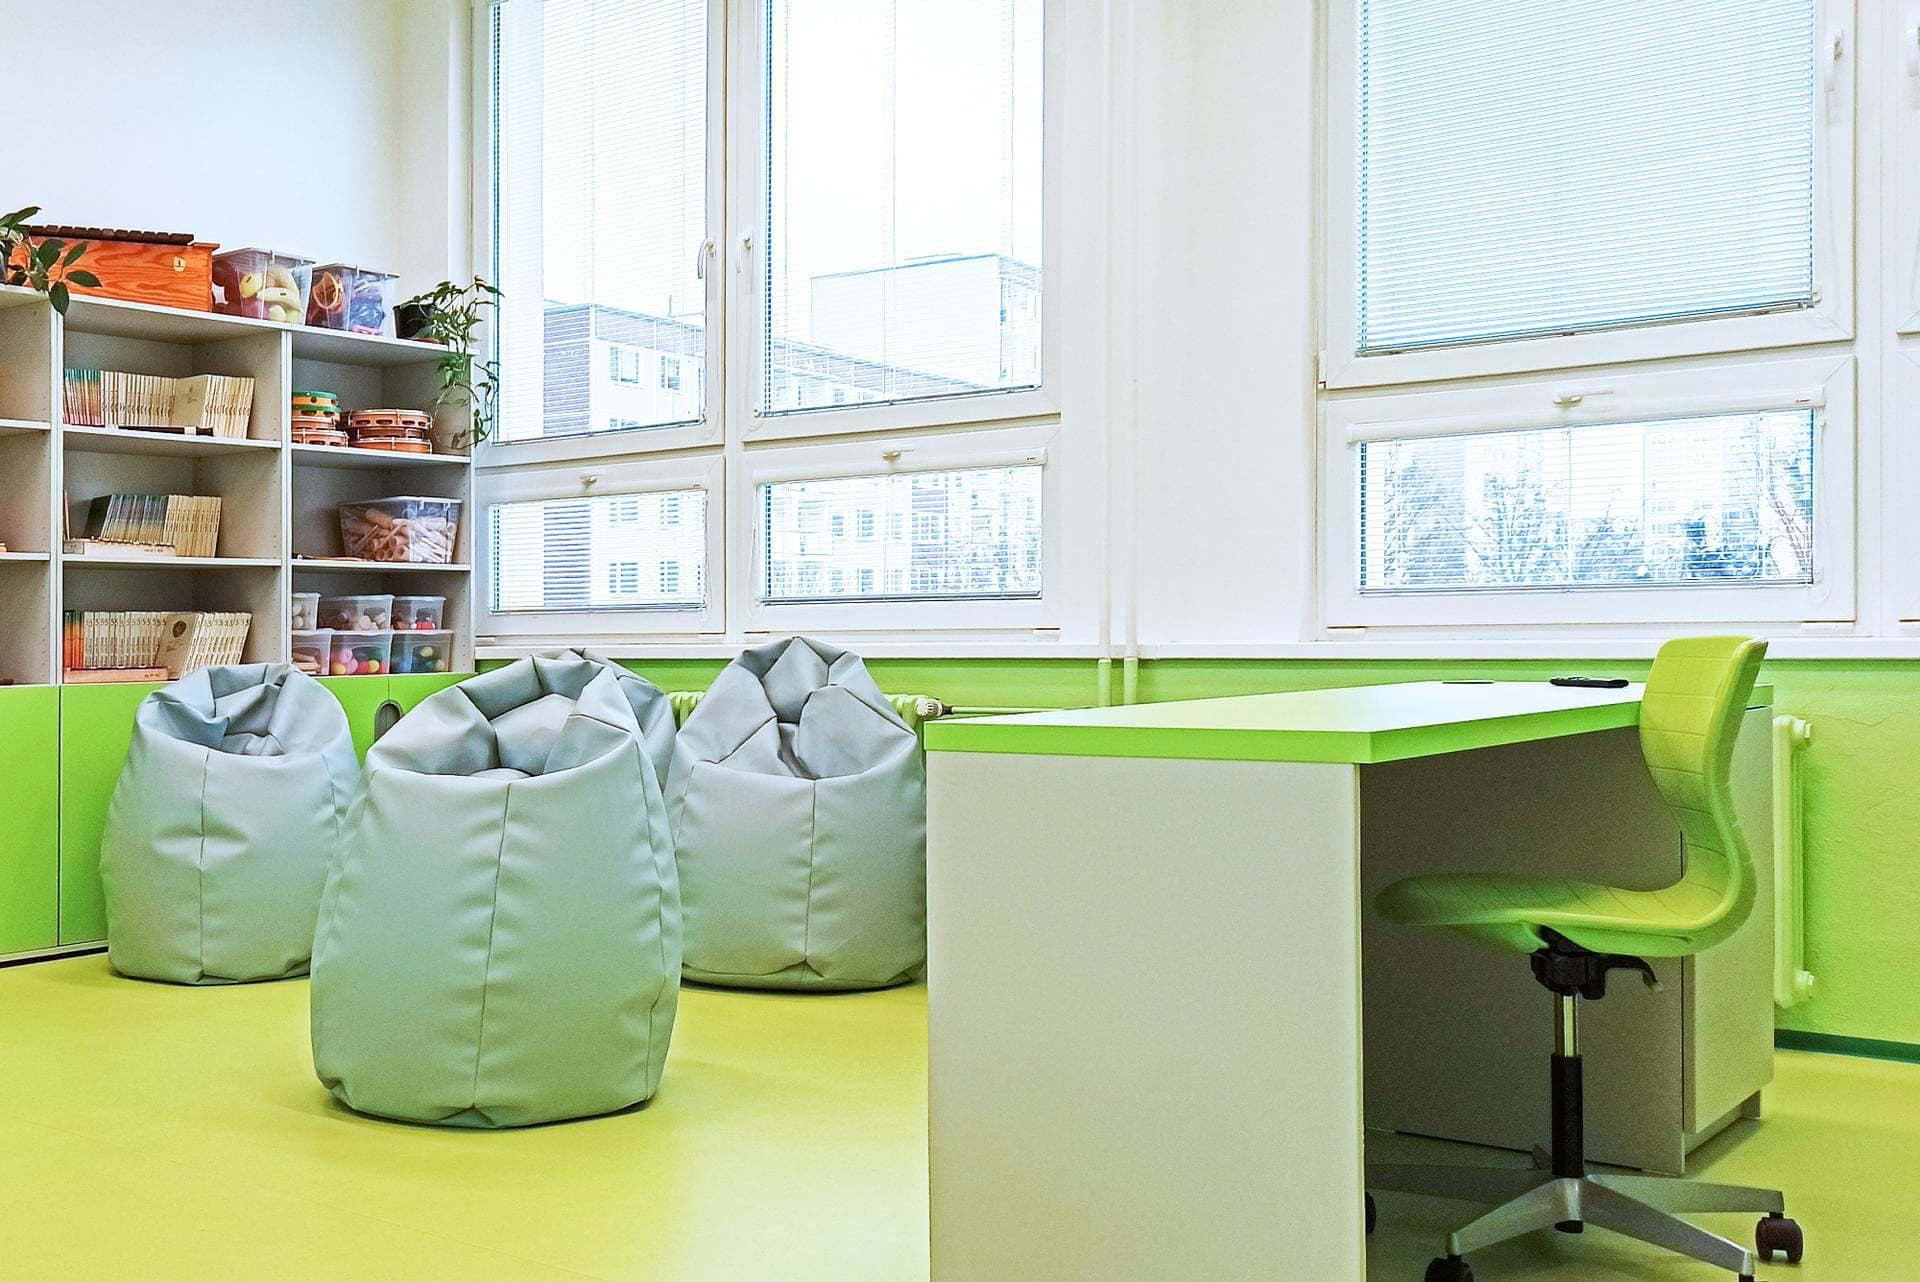 zelená katedra s židlí na kolečkách, sedací pytle | mydva.cz